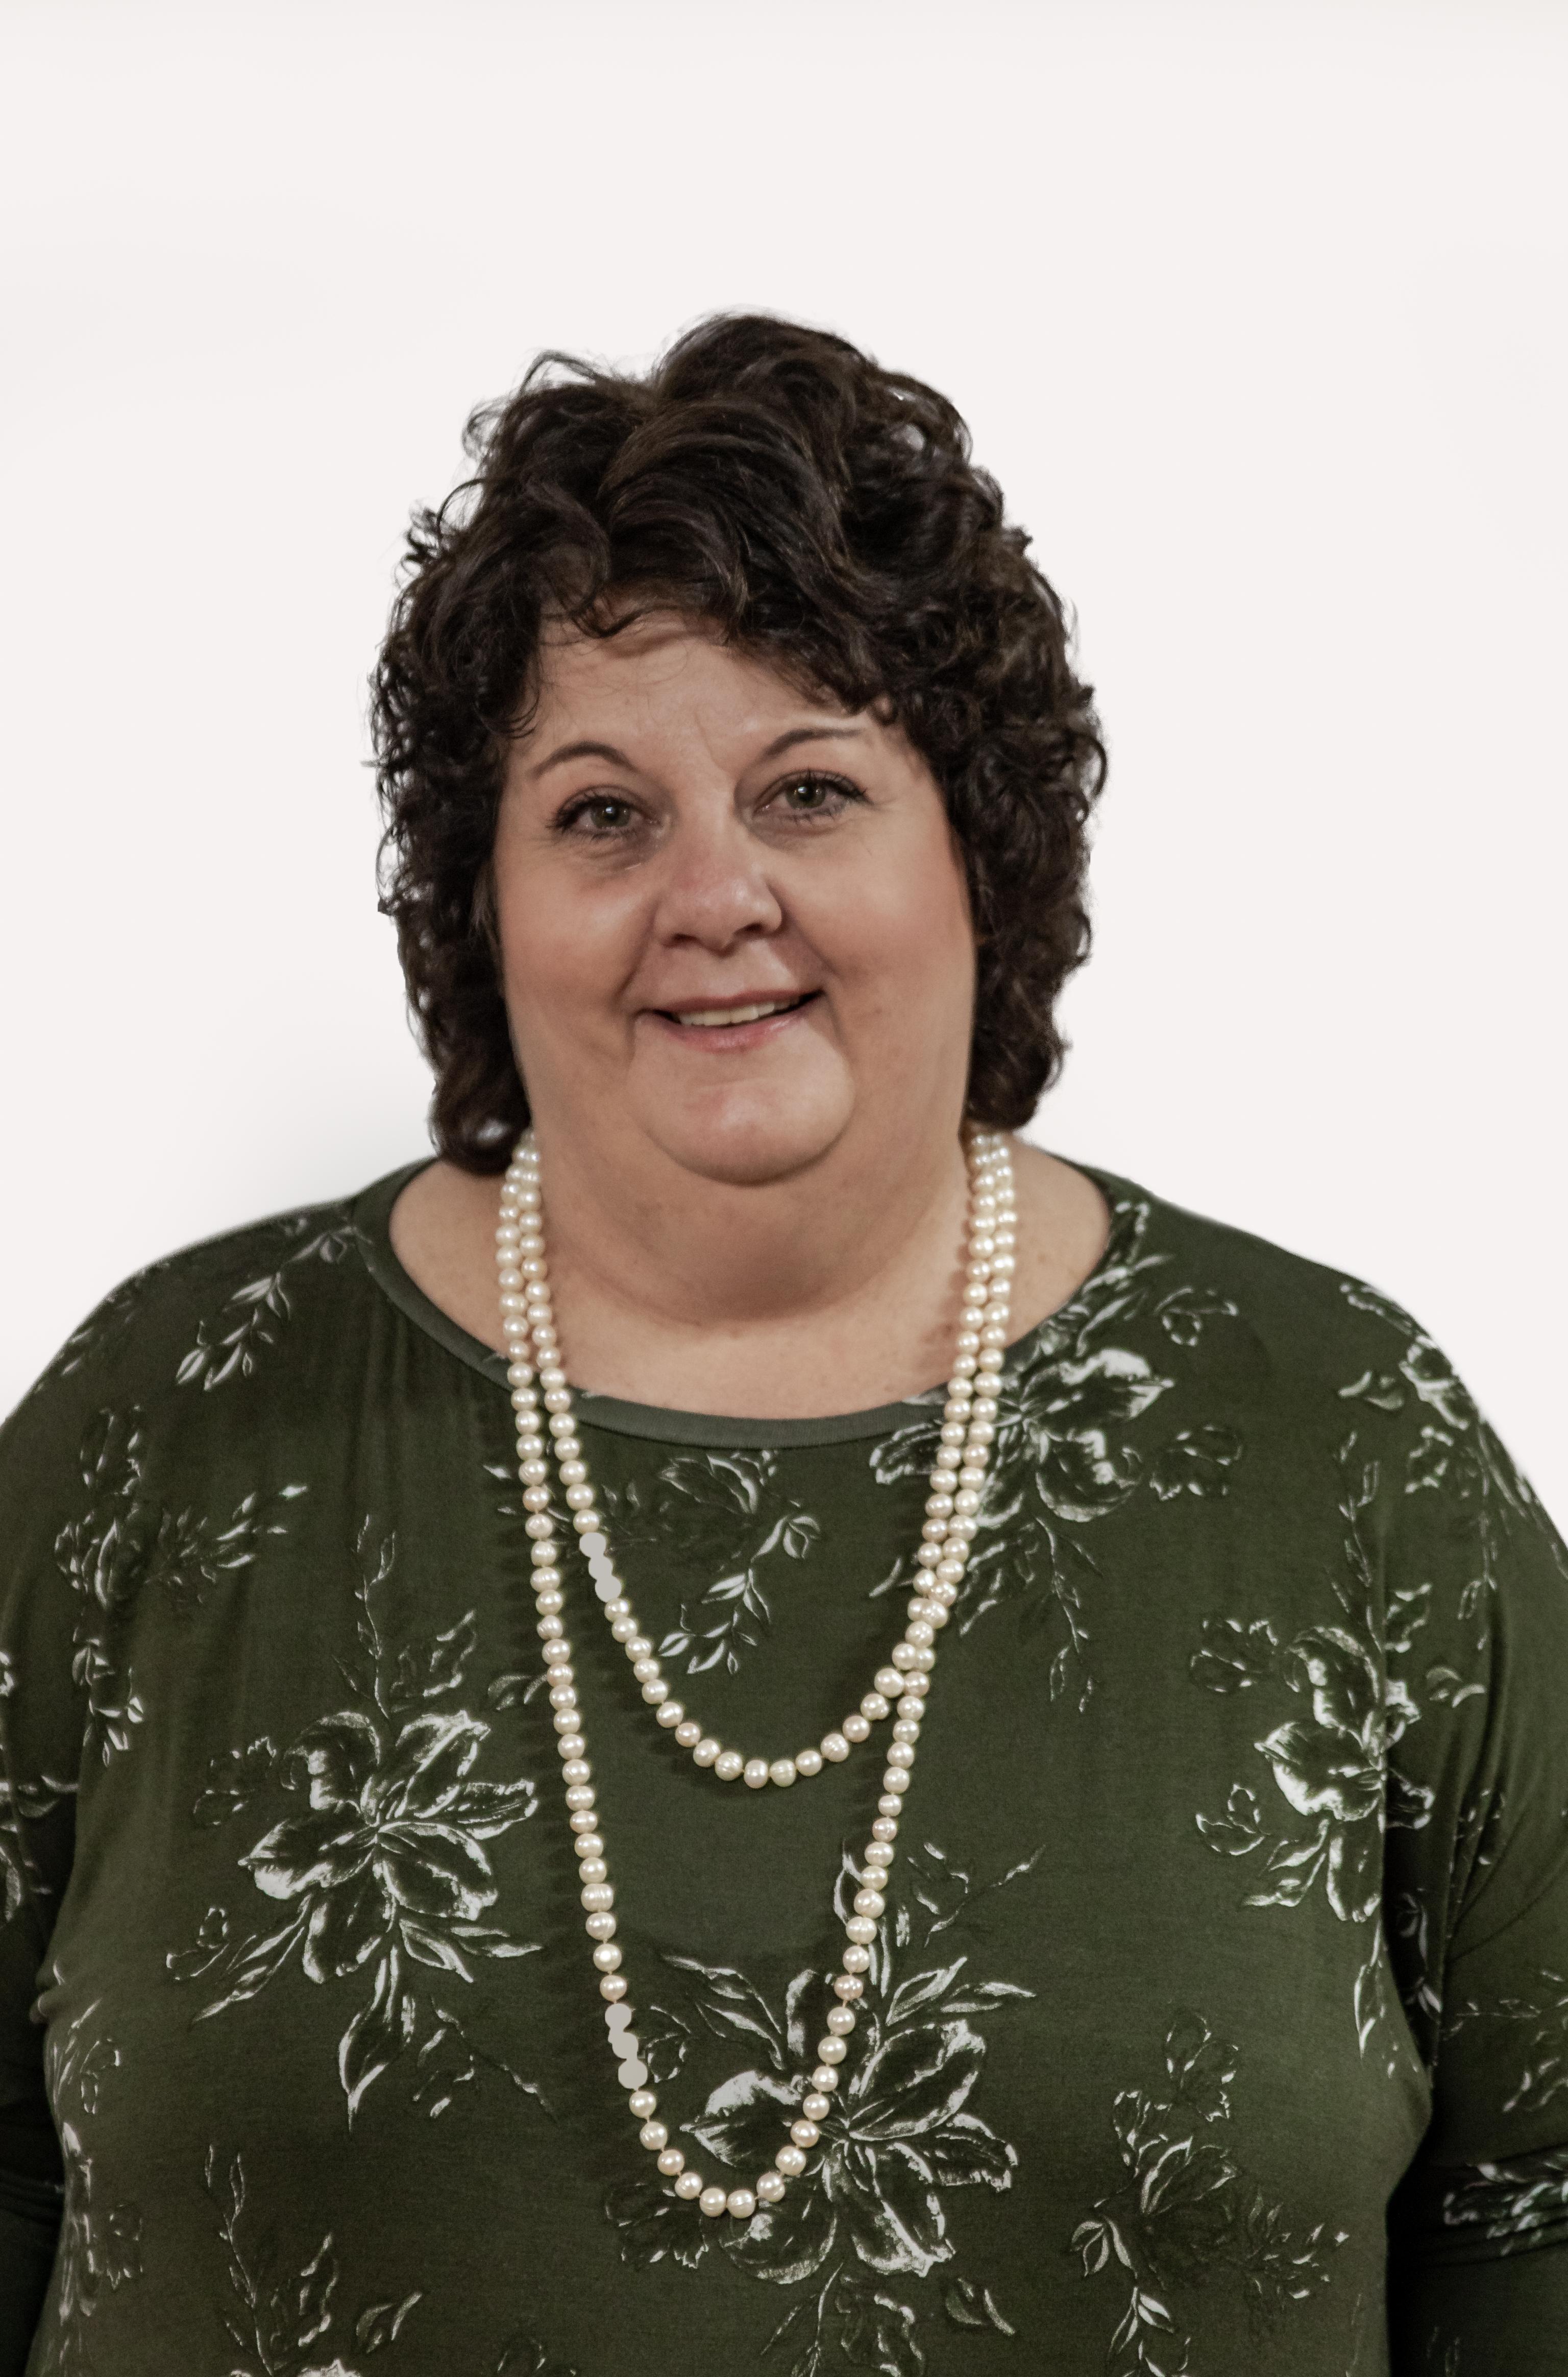 Mrs. Lynette du Plessis : REPRESENTATIVE